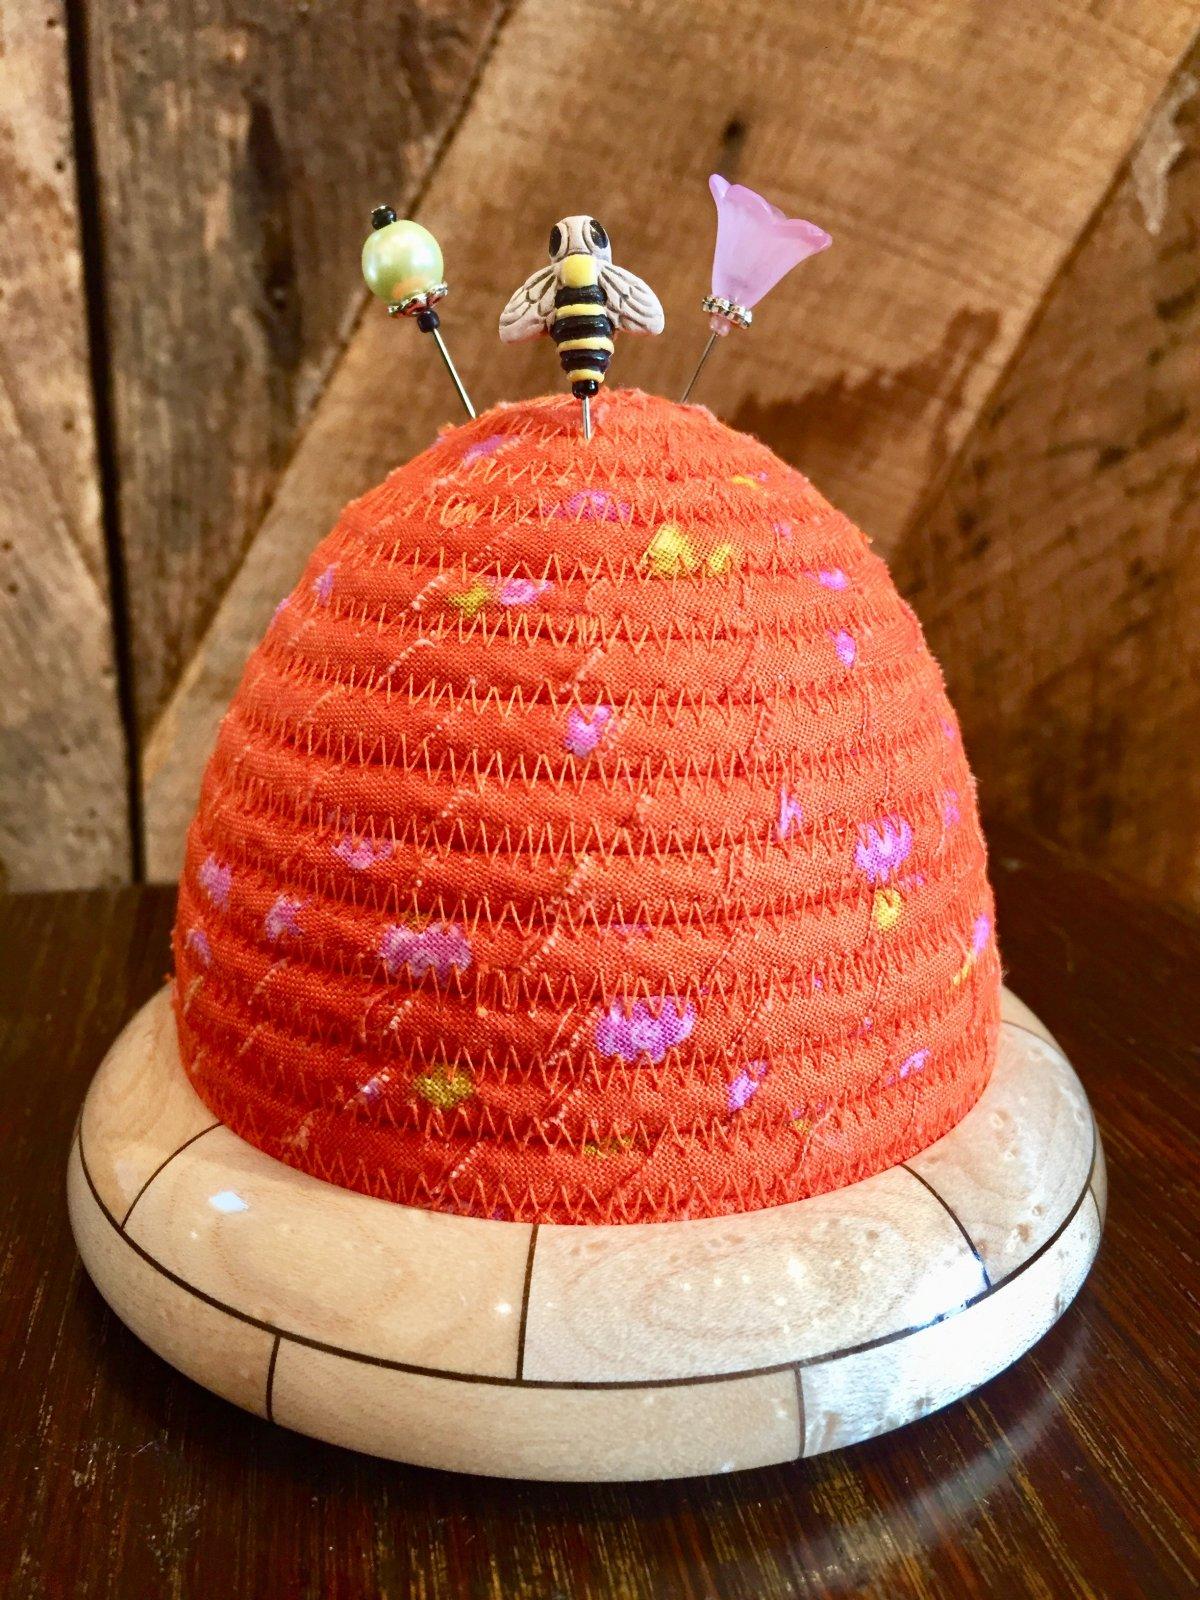 Beehive Pincushion - Sun Print - Day Dream Blaze - Birdseye Maple / Walnut Wooden Base